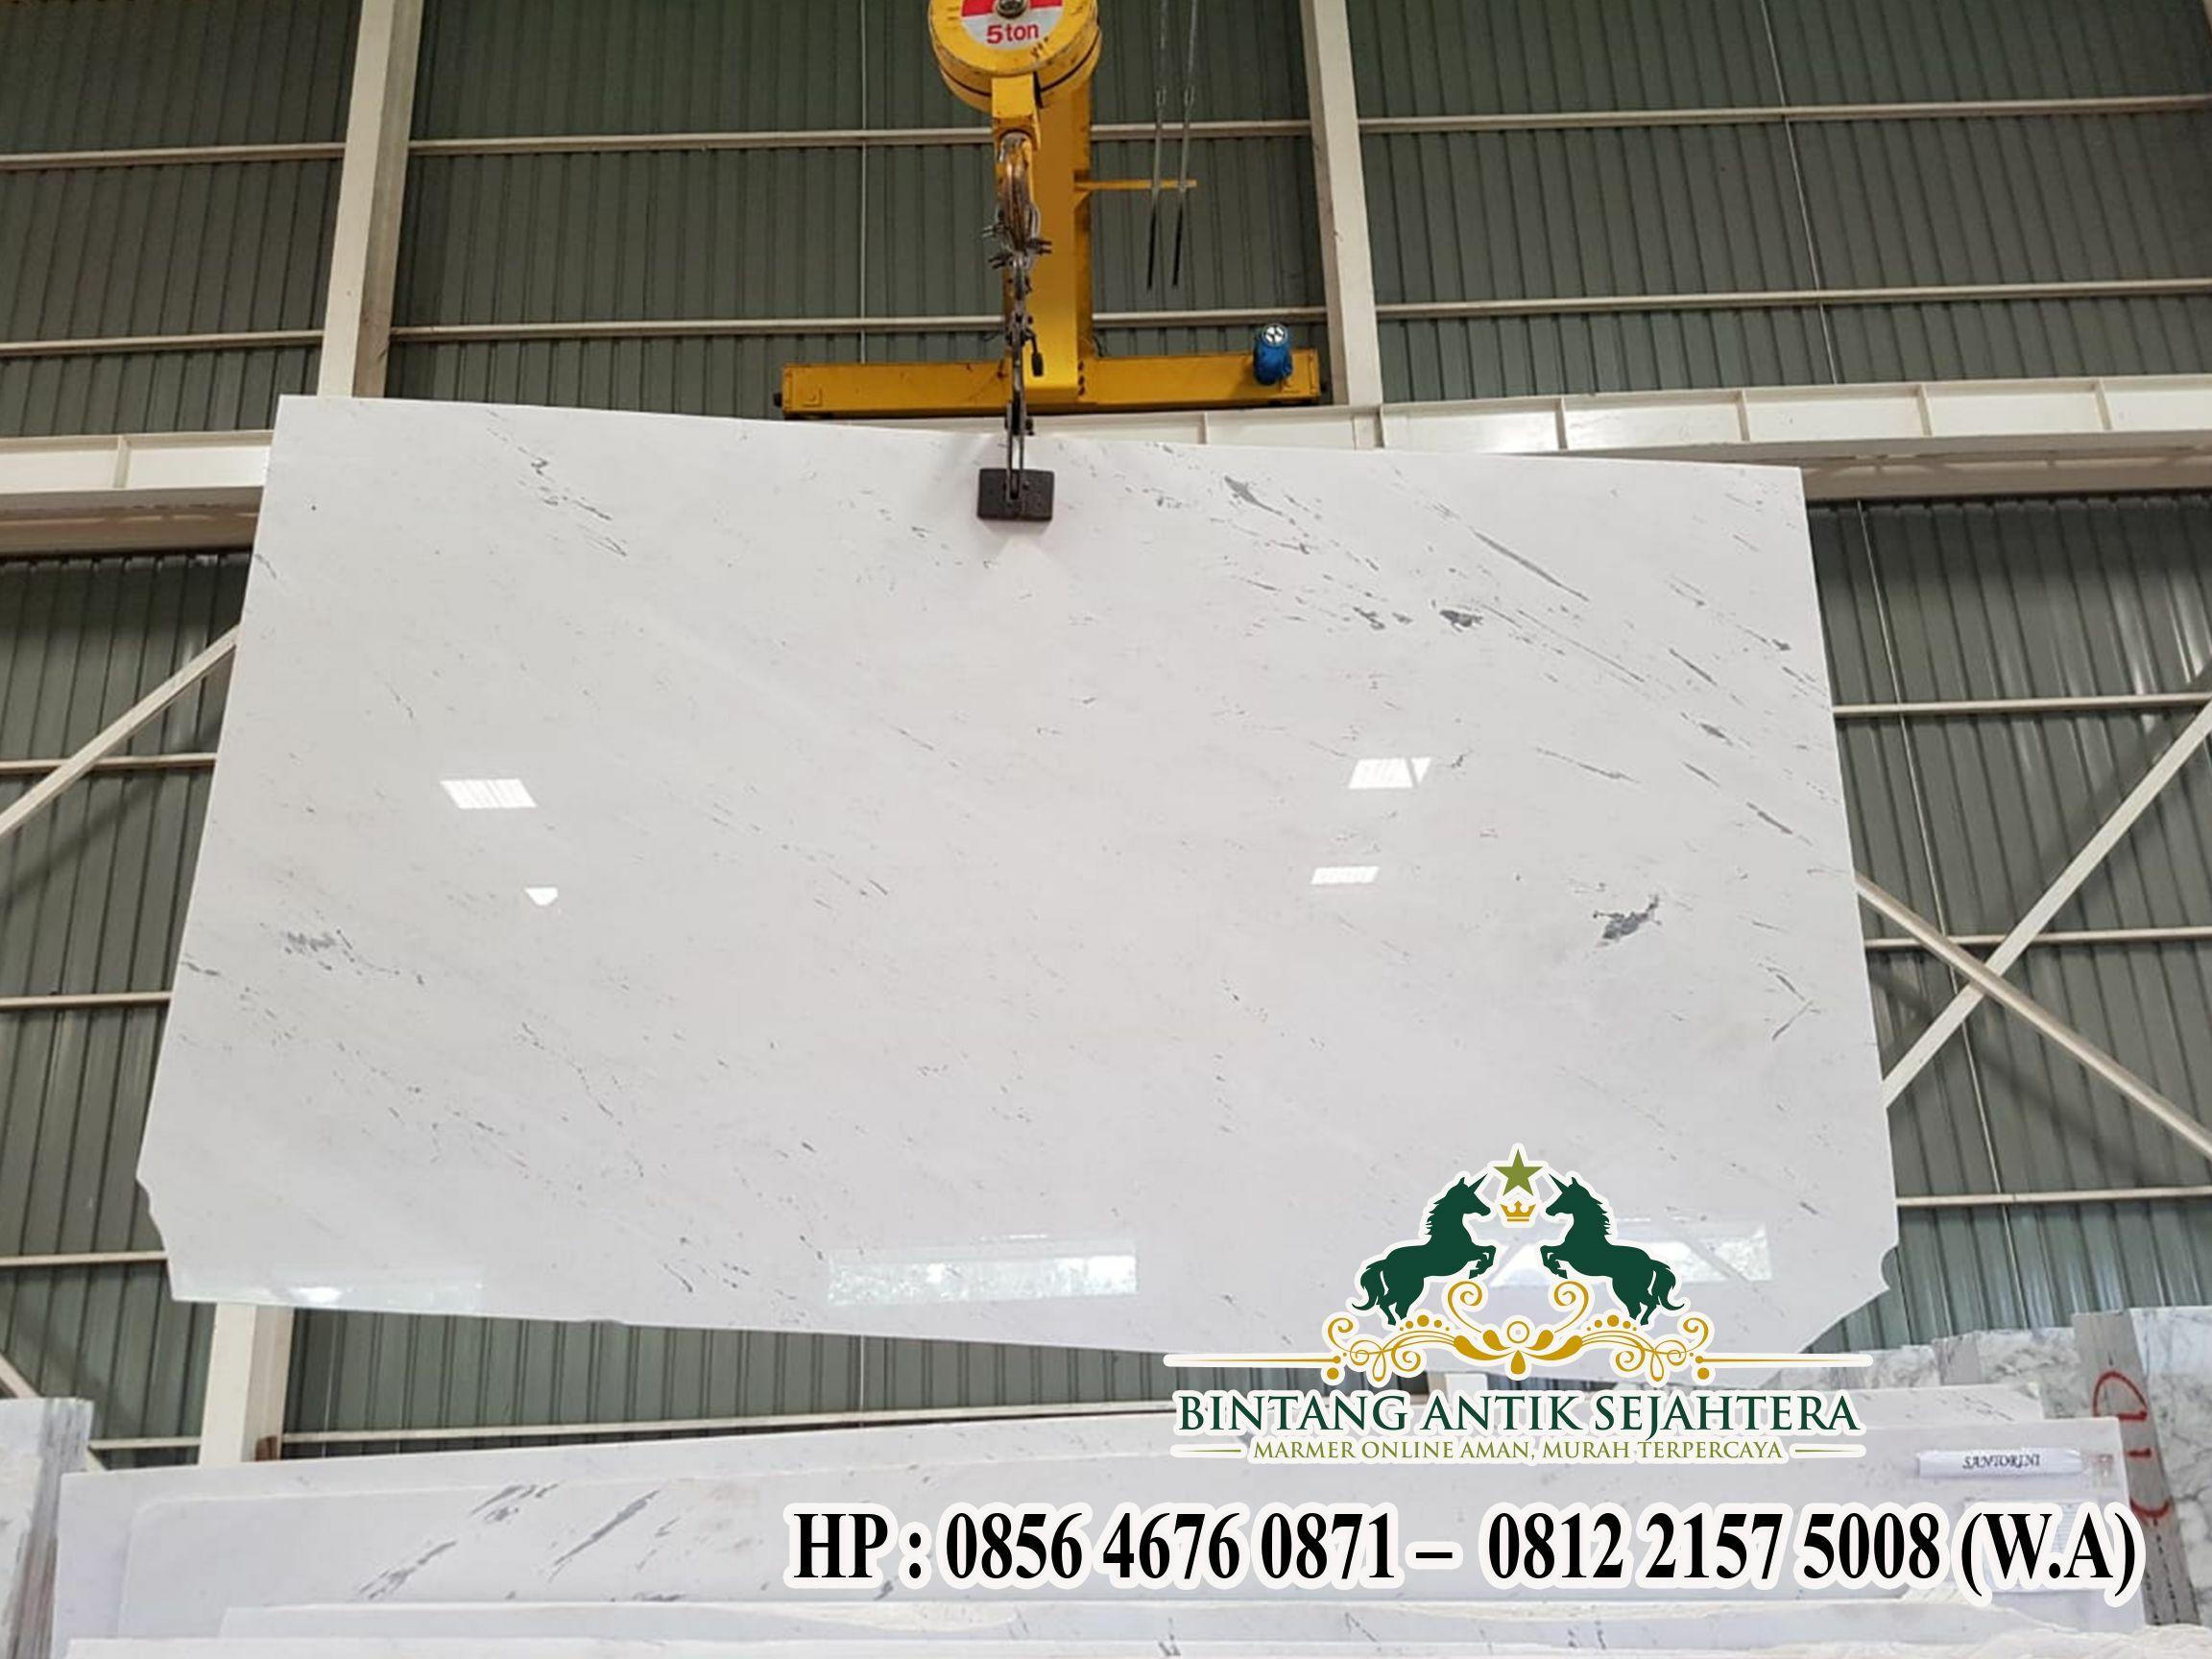 Jual Marmer Lantai | Lantai Marmer Import | Harga Lantai Marmer